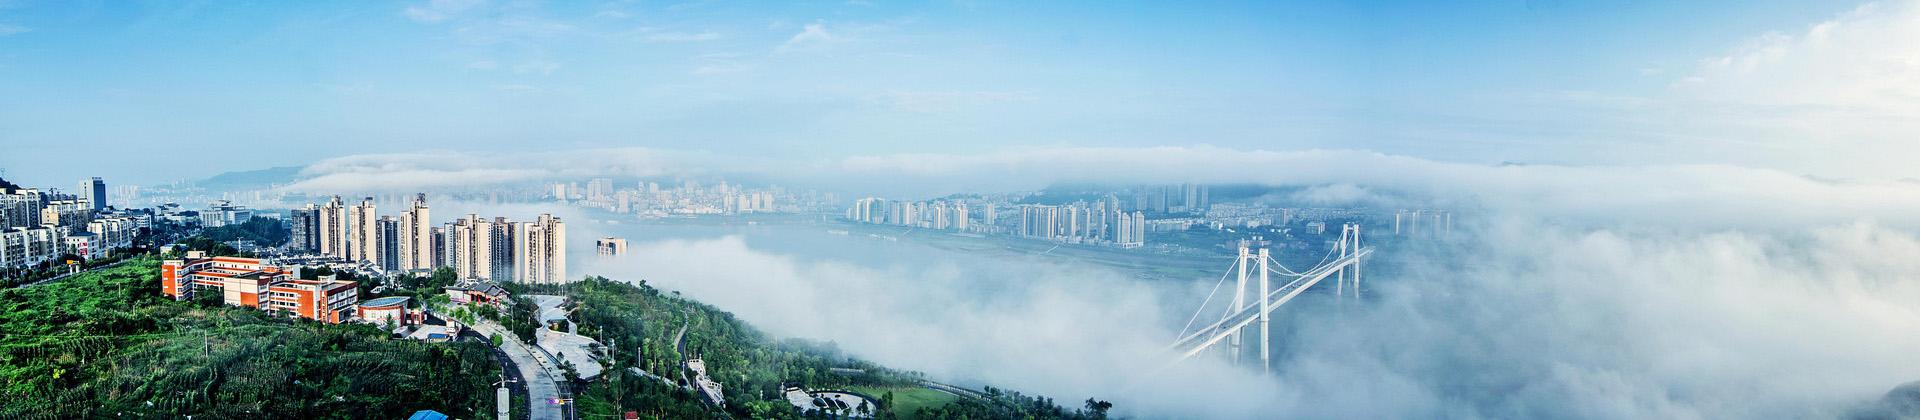 重庆旅游景点